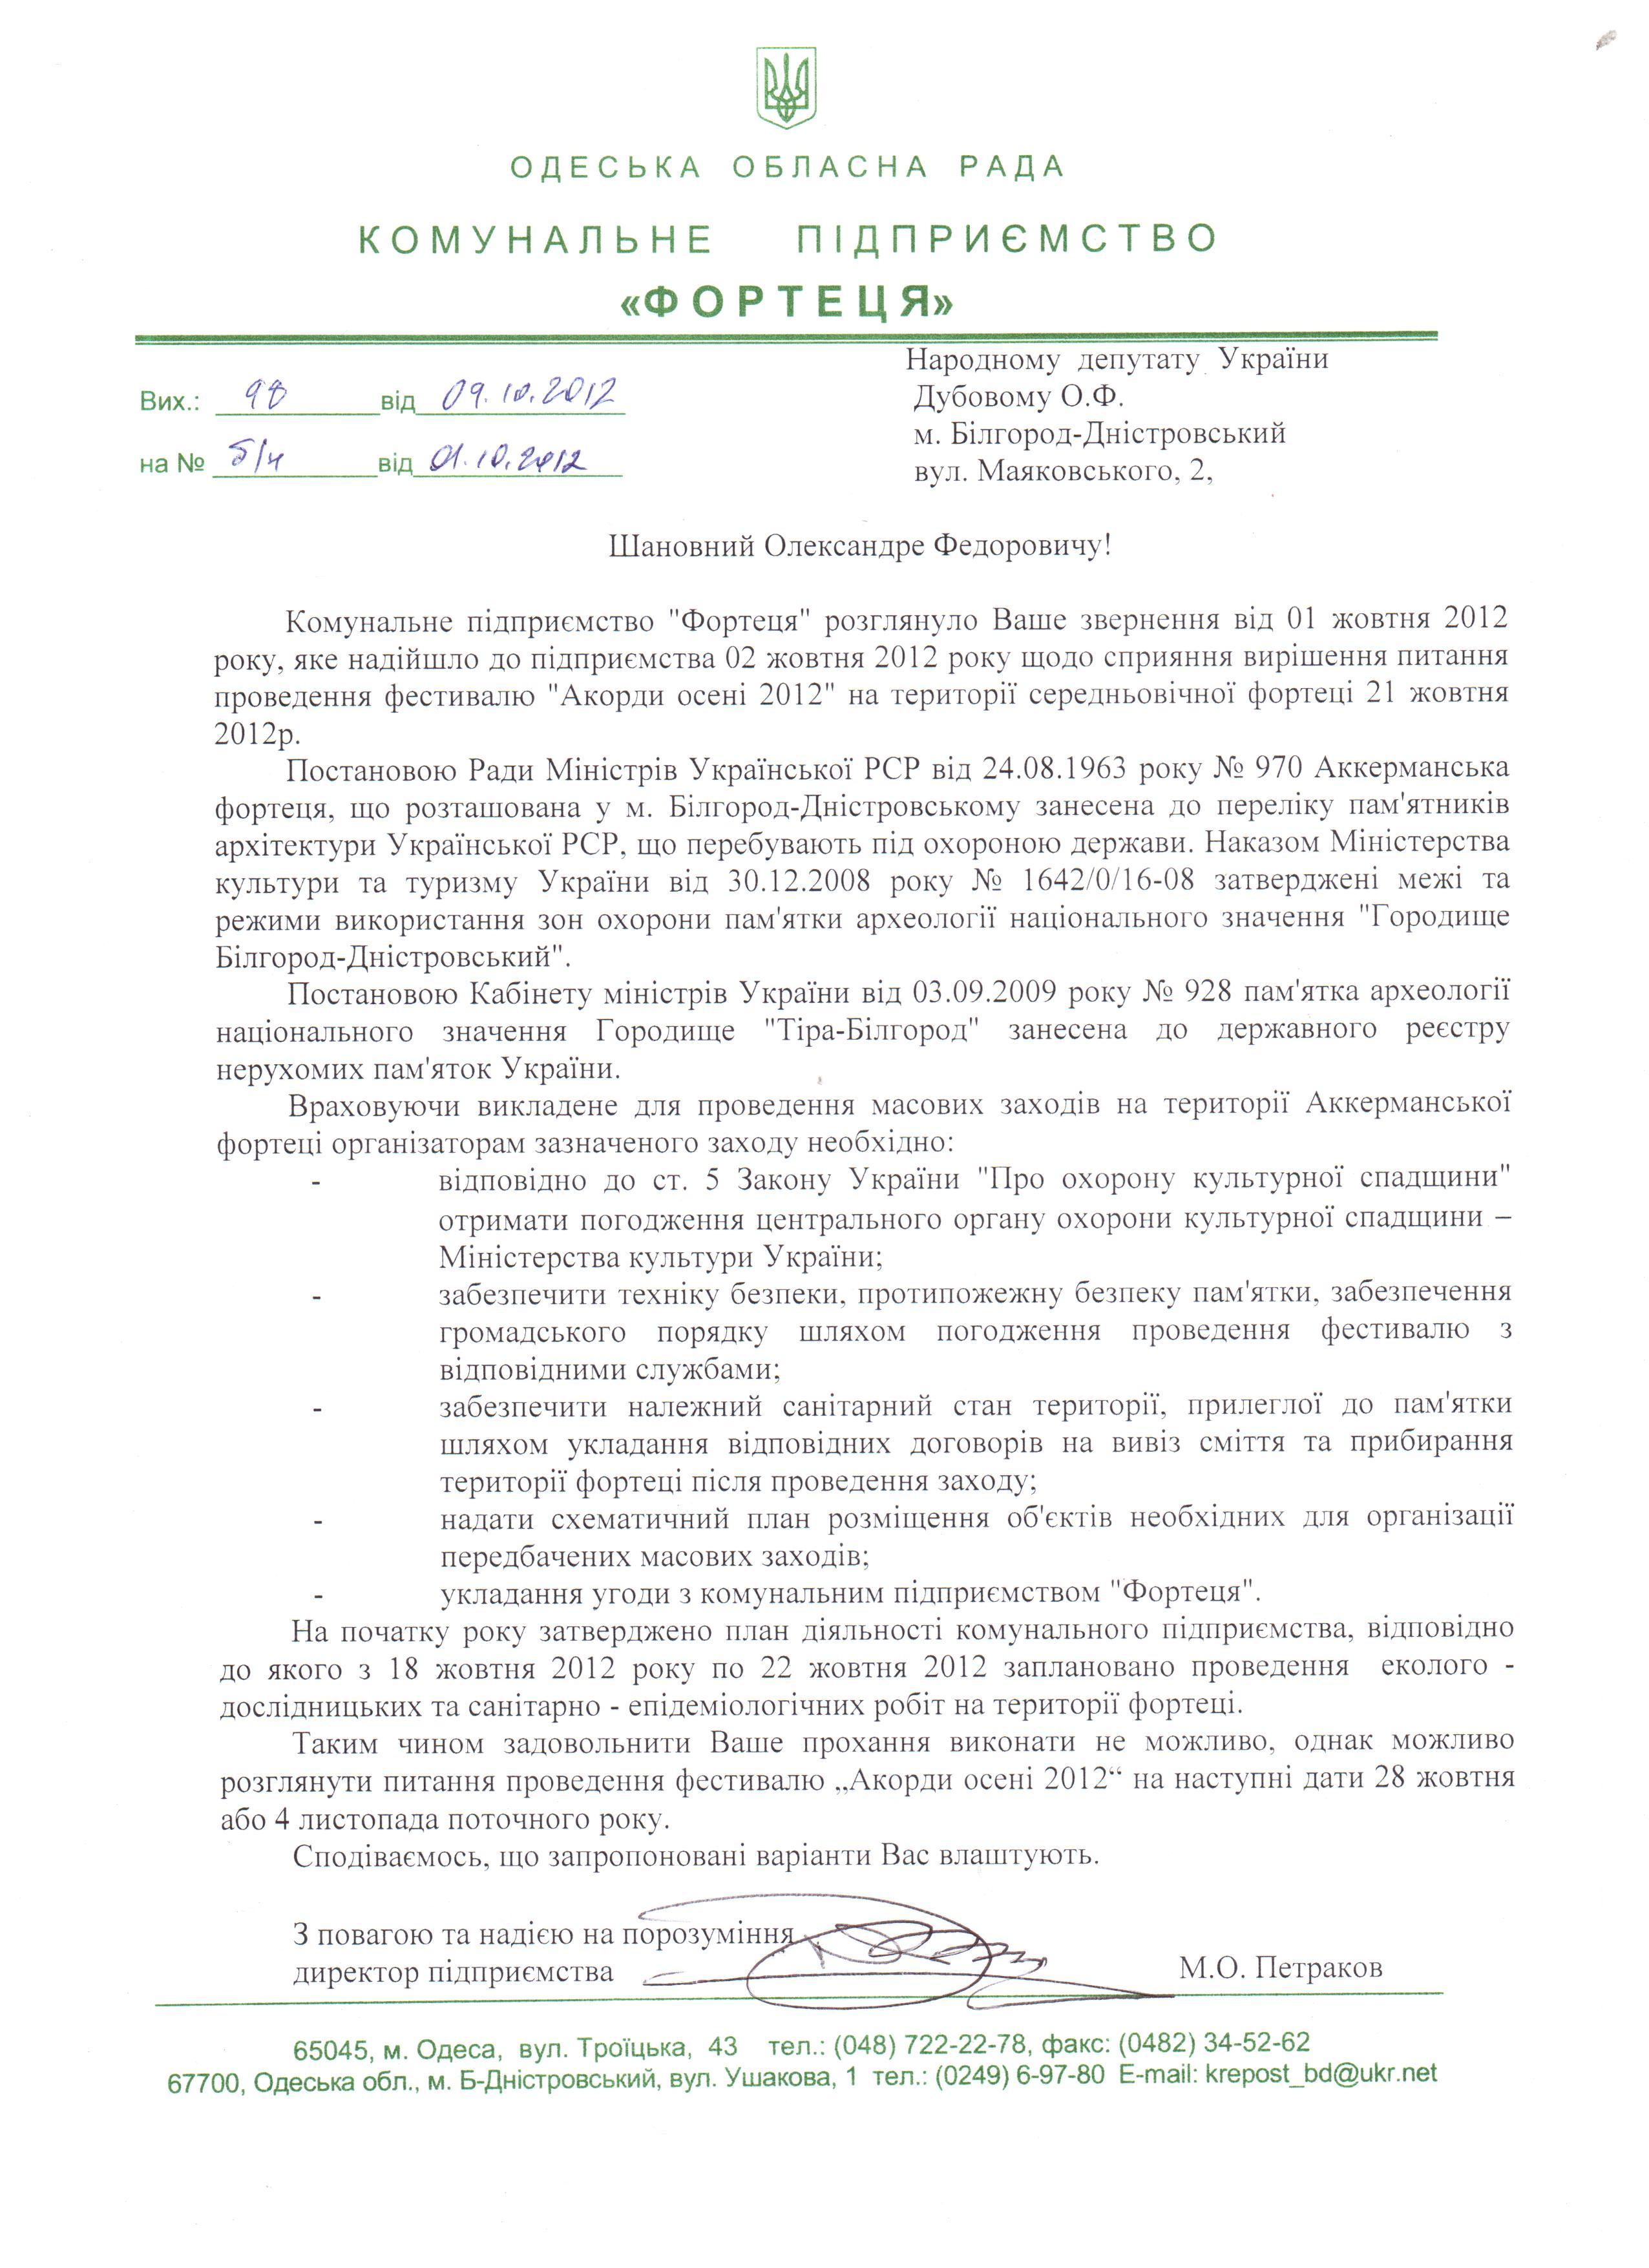 В Белгороде-Днестровском в субботу может состояться штурм крепости